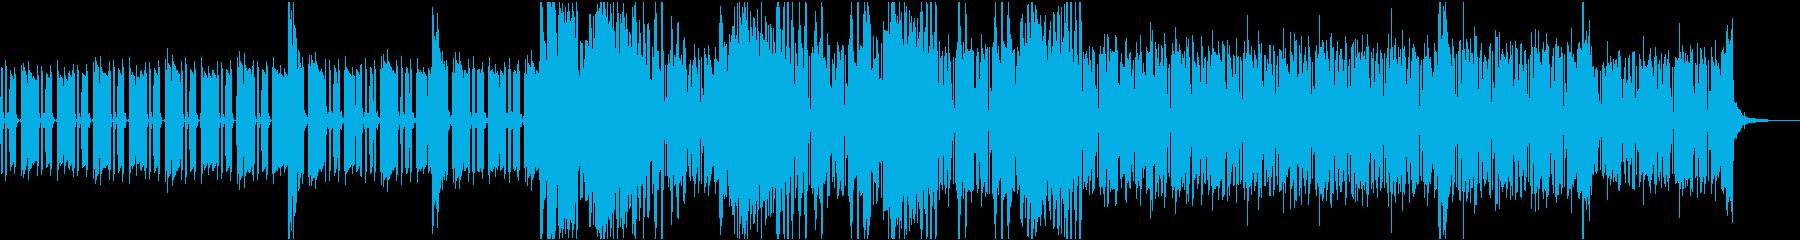 急いでるシーンや潜入した時に流れる曲の再生済みの波形